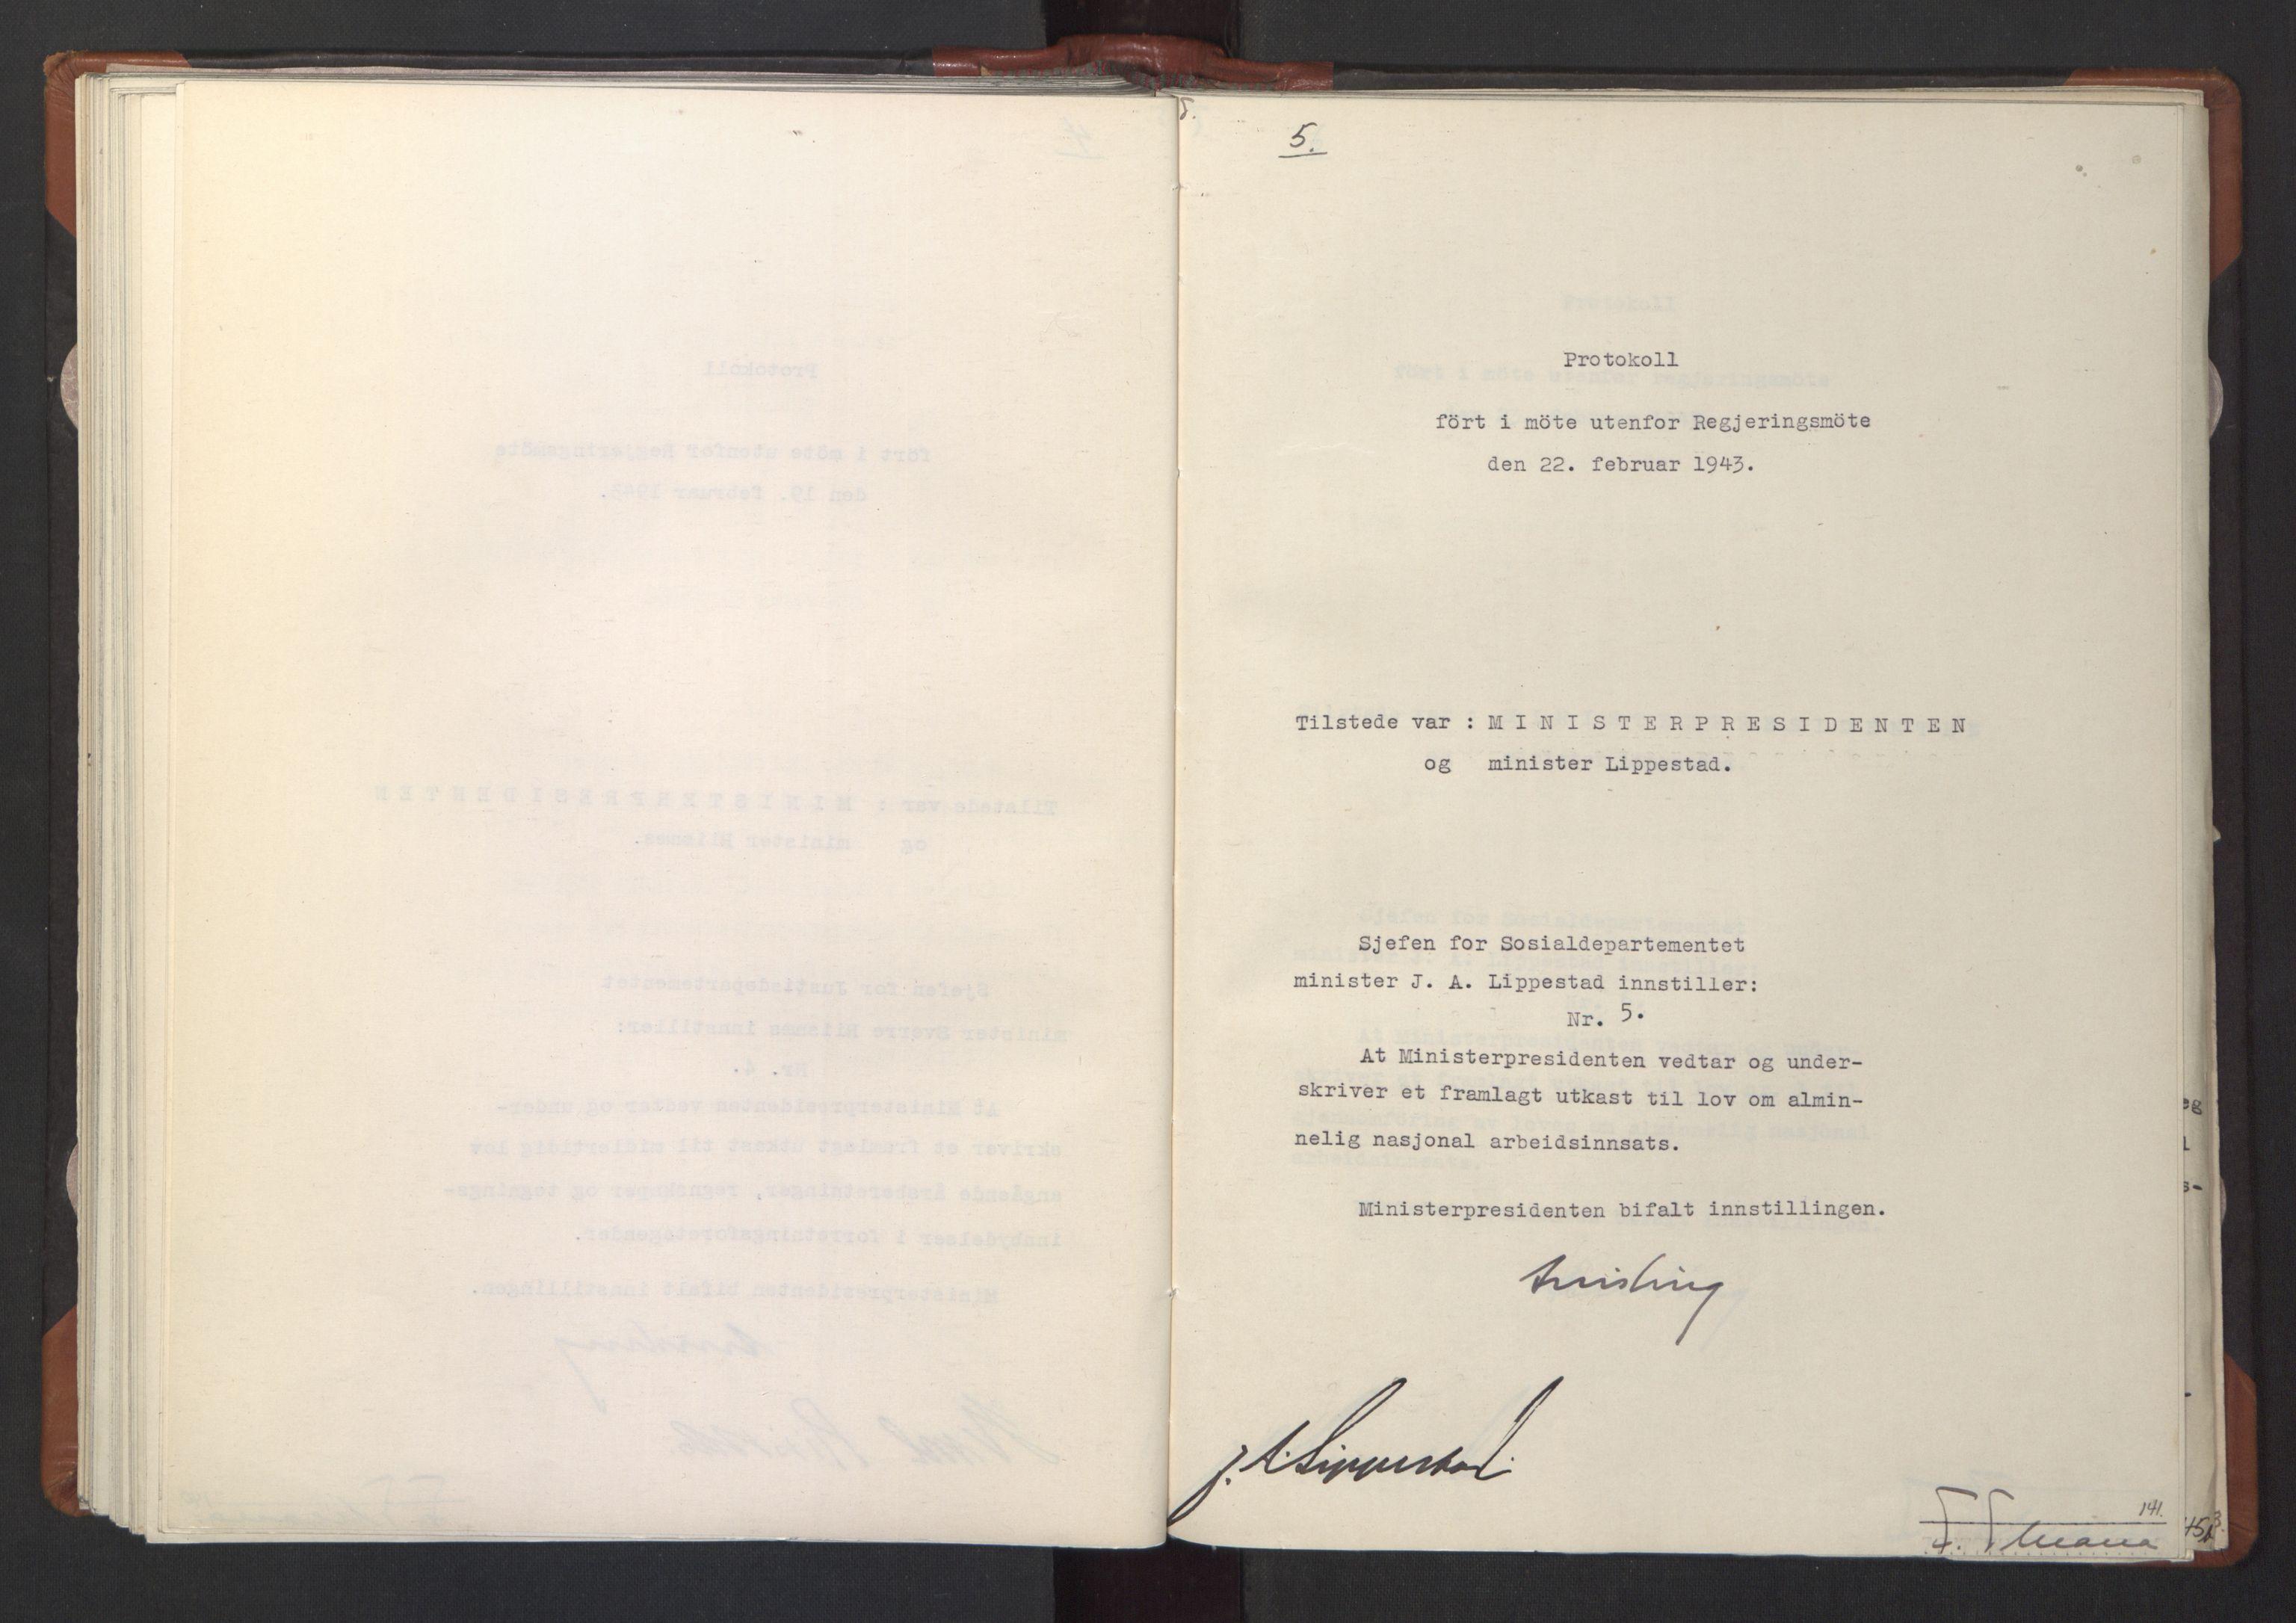 RA, NS-administrasjonen 1940-1945 (Statsrådsekretariatet, de kommisariske statsråder mm), D/Da/L0003: Vedtak (Beslutninger) nr. 1-746 og tillegg nr. 1-47 (RA. j.nr. 1394/1944, tilgangsnr. 8/1944, 1943, s. 140b-141a